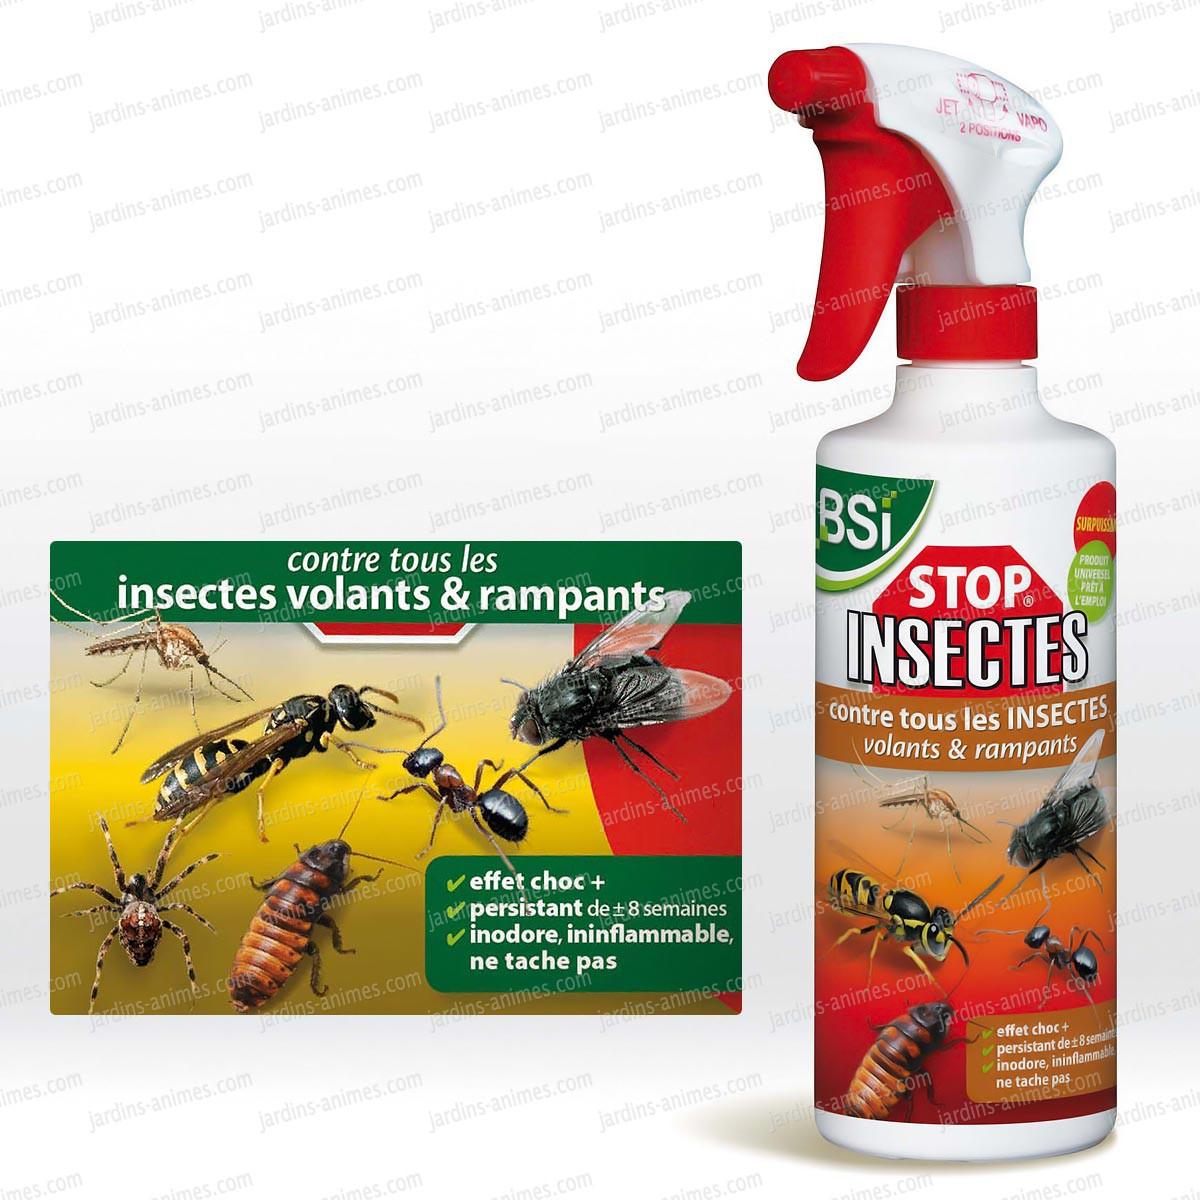 Stop Insectes Barrière 500Ml Biodegradable intérieur Produit Anti Tique Pour Jardin